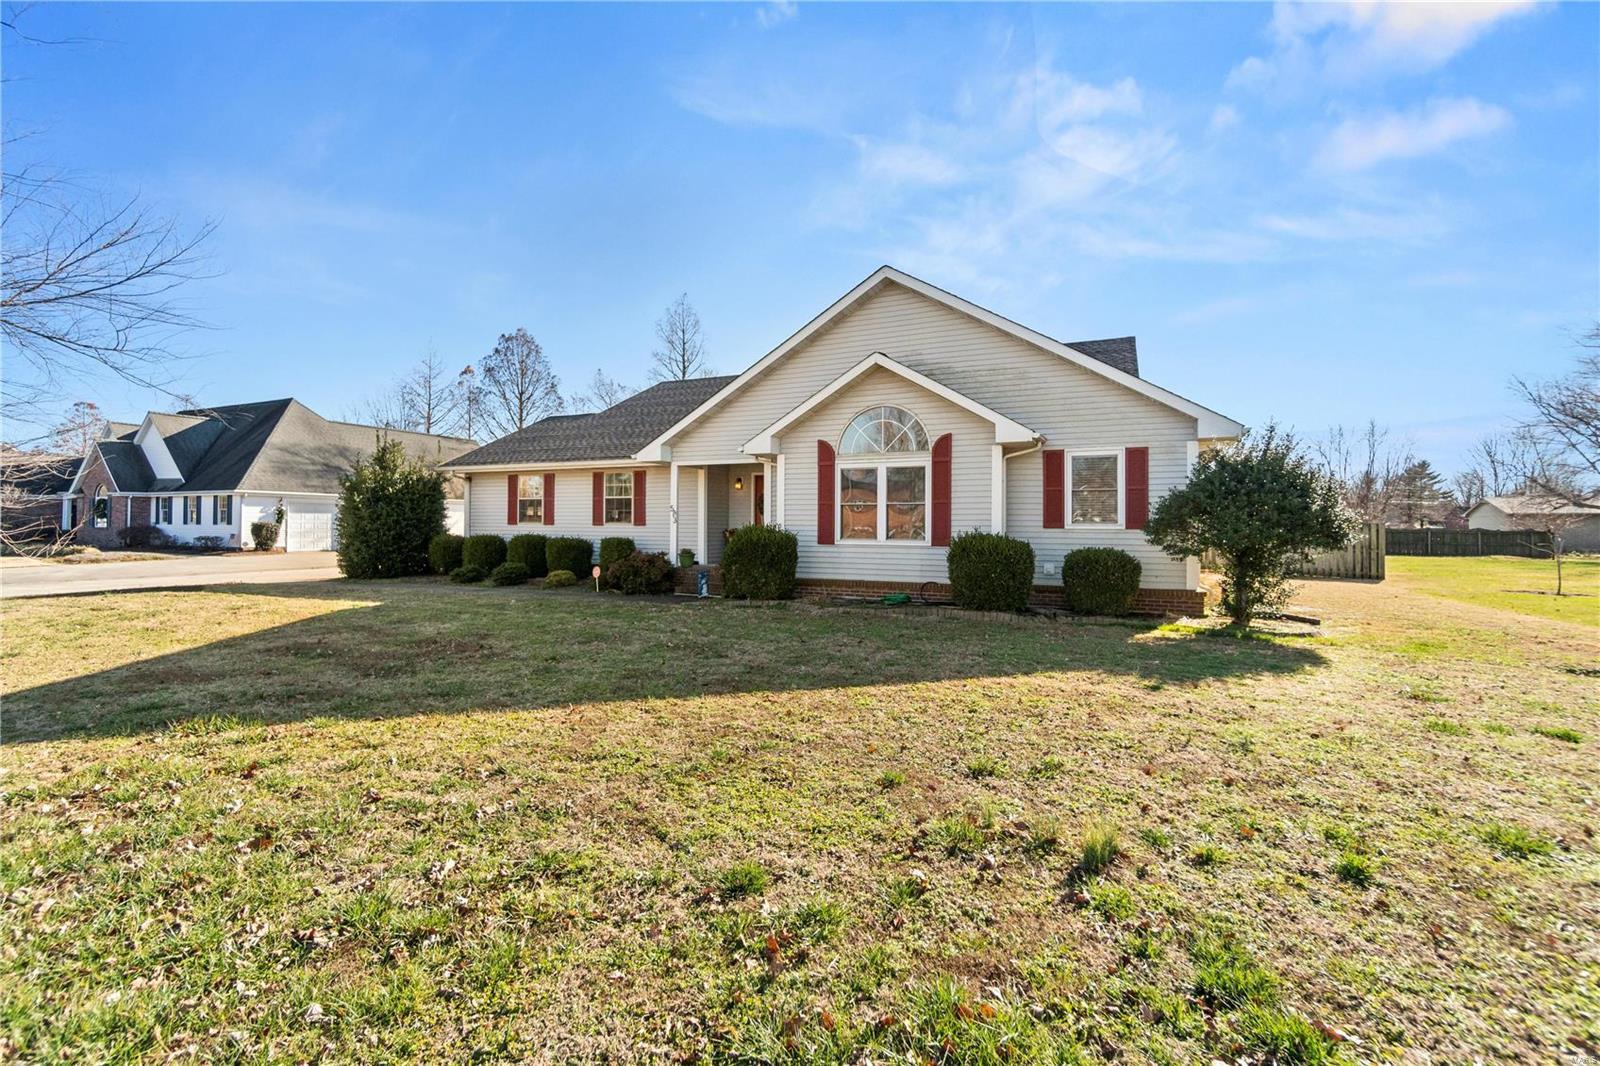 513 Lindenwood Ave Property Photo - Sikeston, MO real estate listing